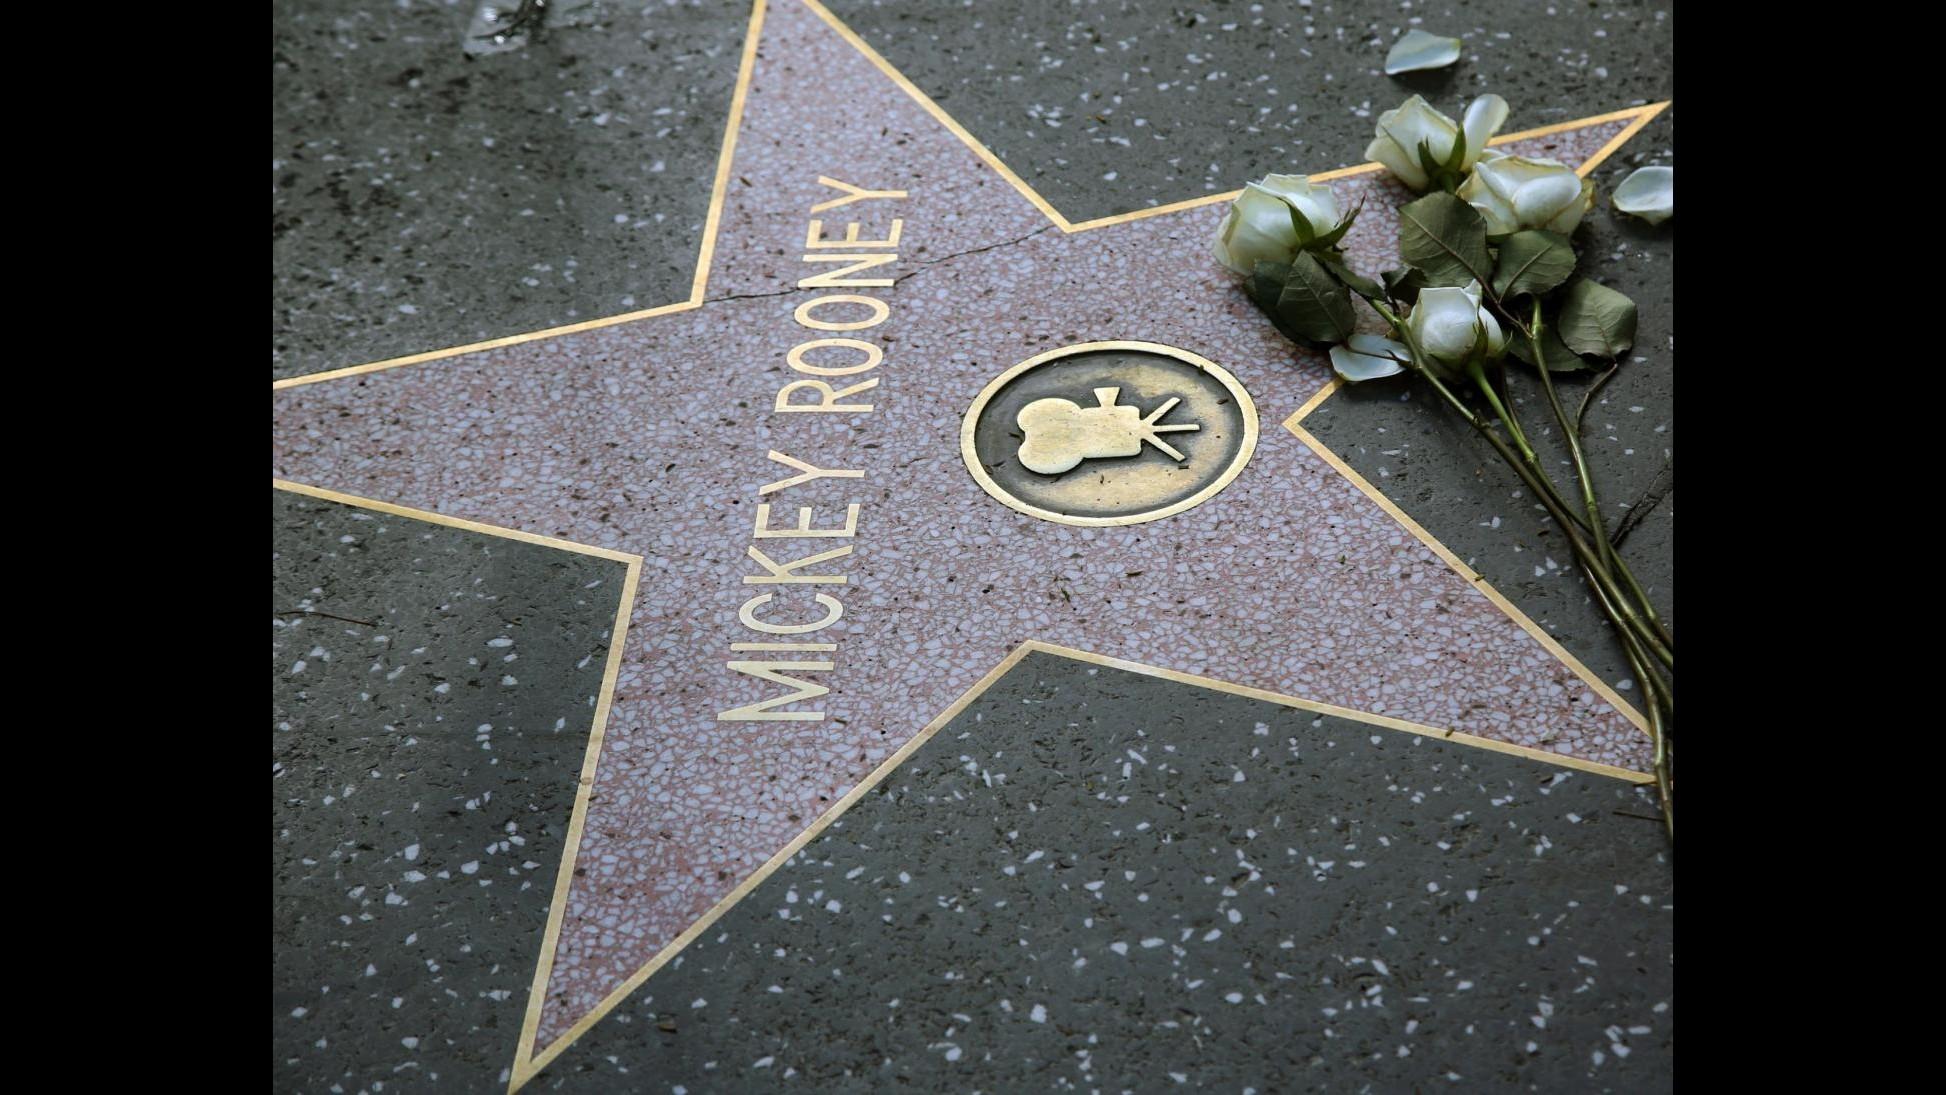 Mickey Rooney sarà sepolto a Hollywood nel cimitero delle star